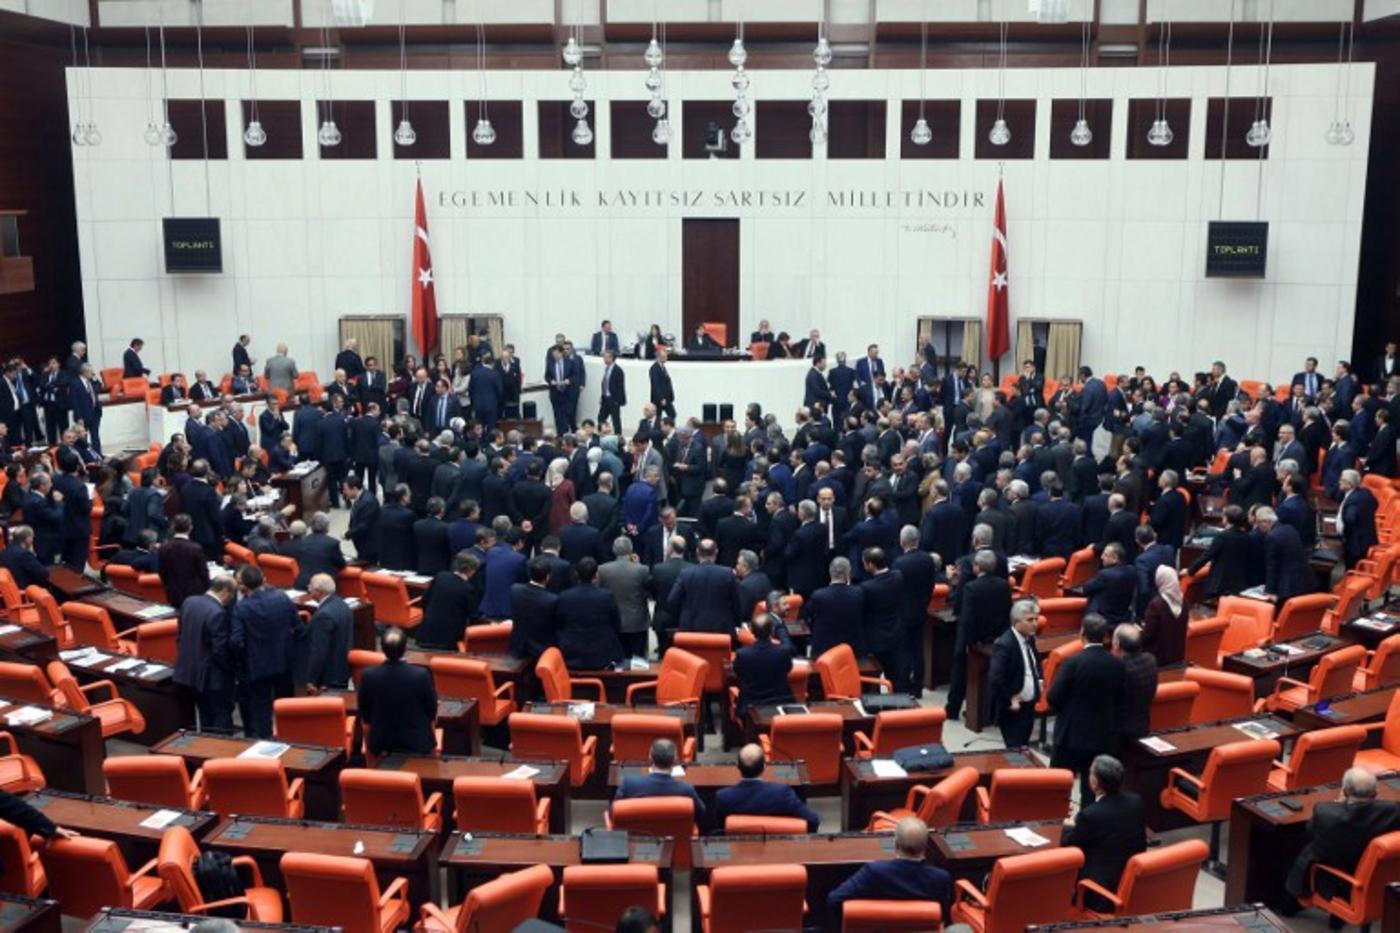 20 turkeys constitutional referendum - HD1400×933